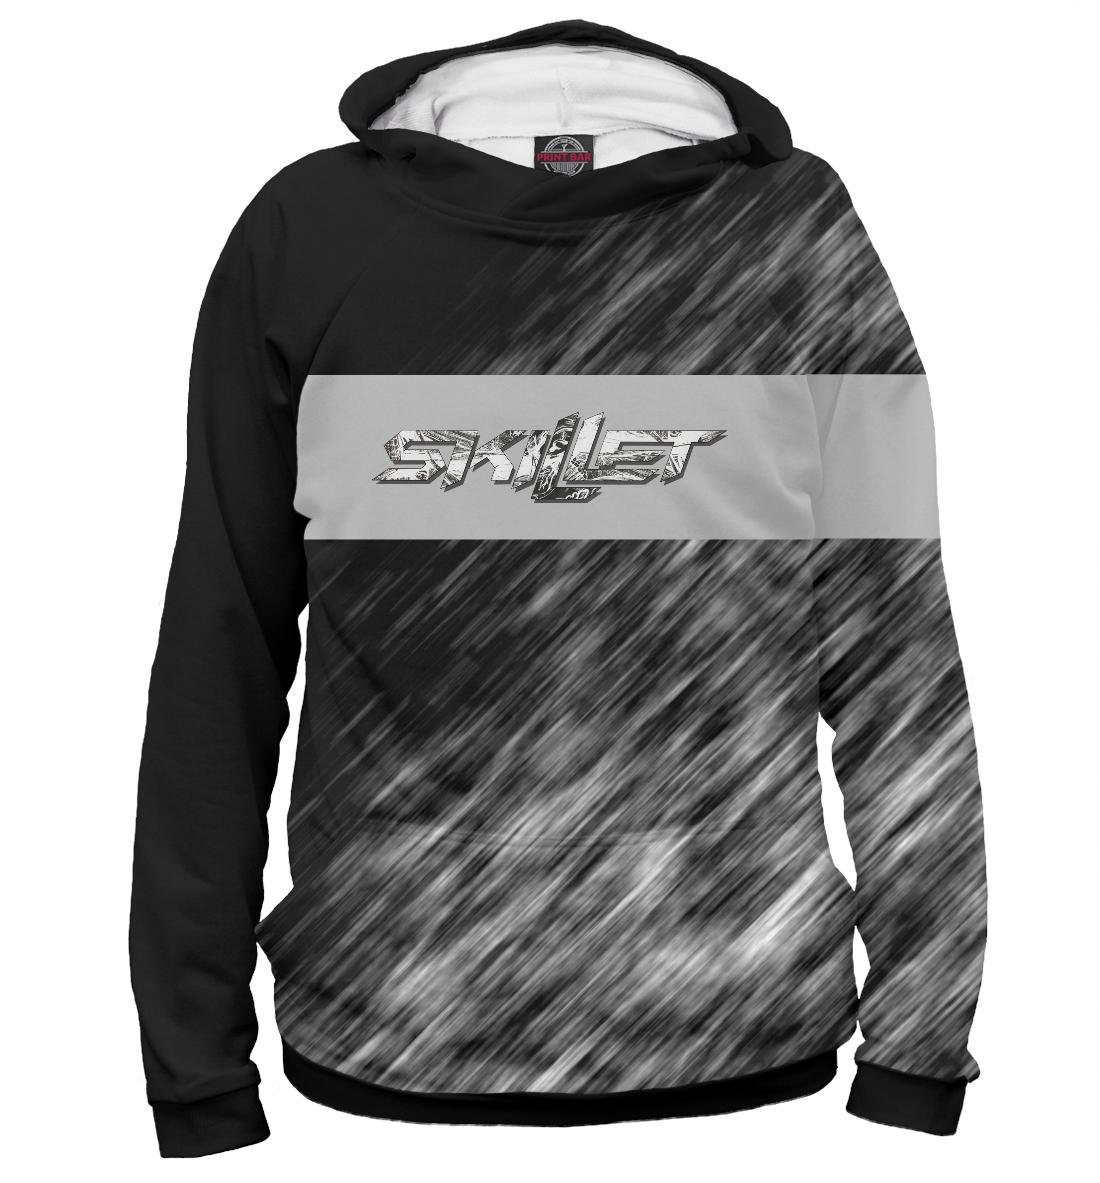 Купить Skillet, Printbar, Худи, SKL-935732-hud-1